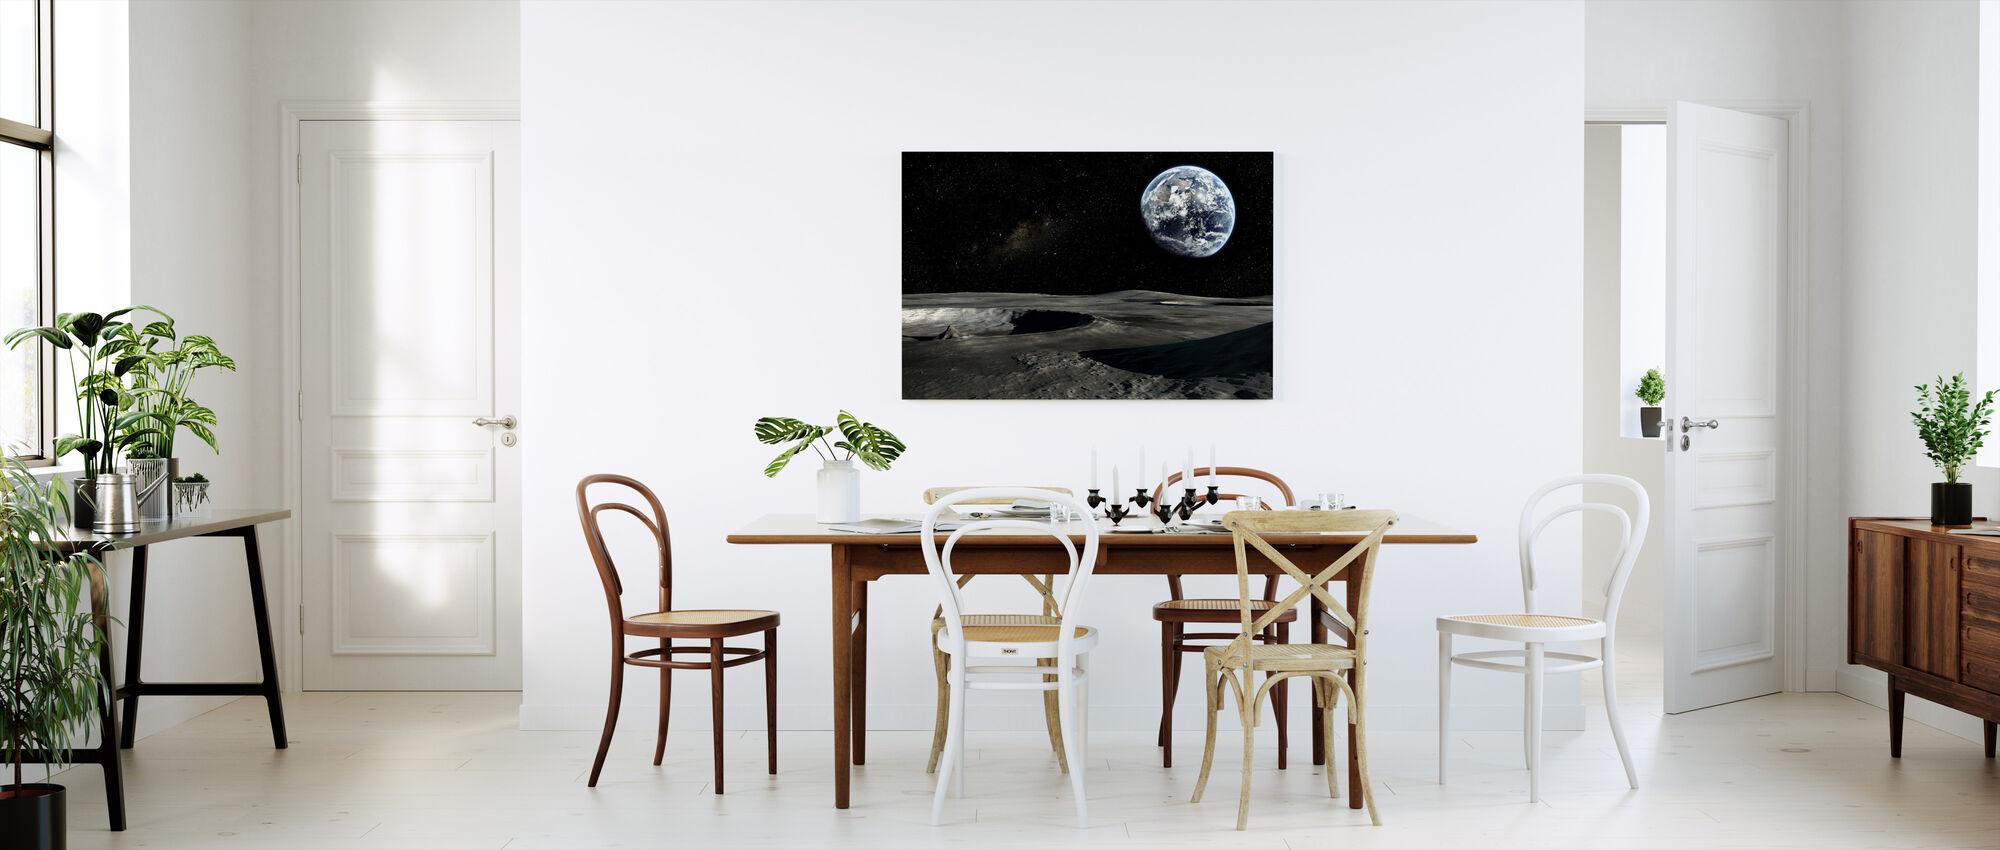 Nieuw perspectief - Canvas print - Keuken